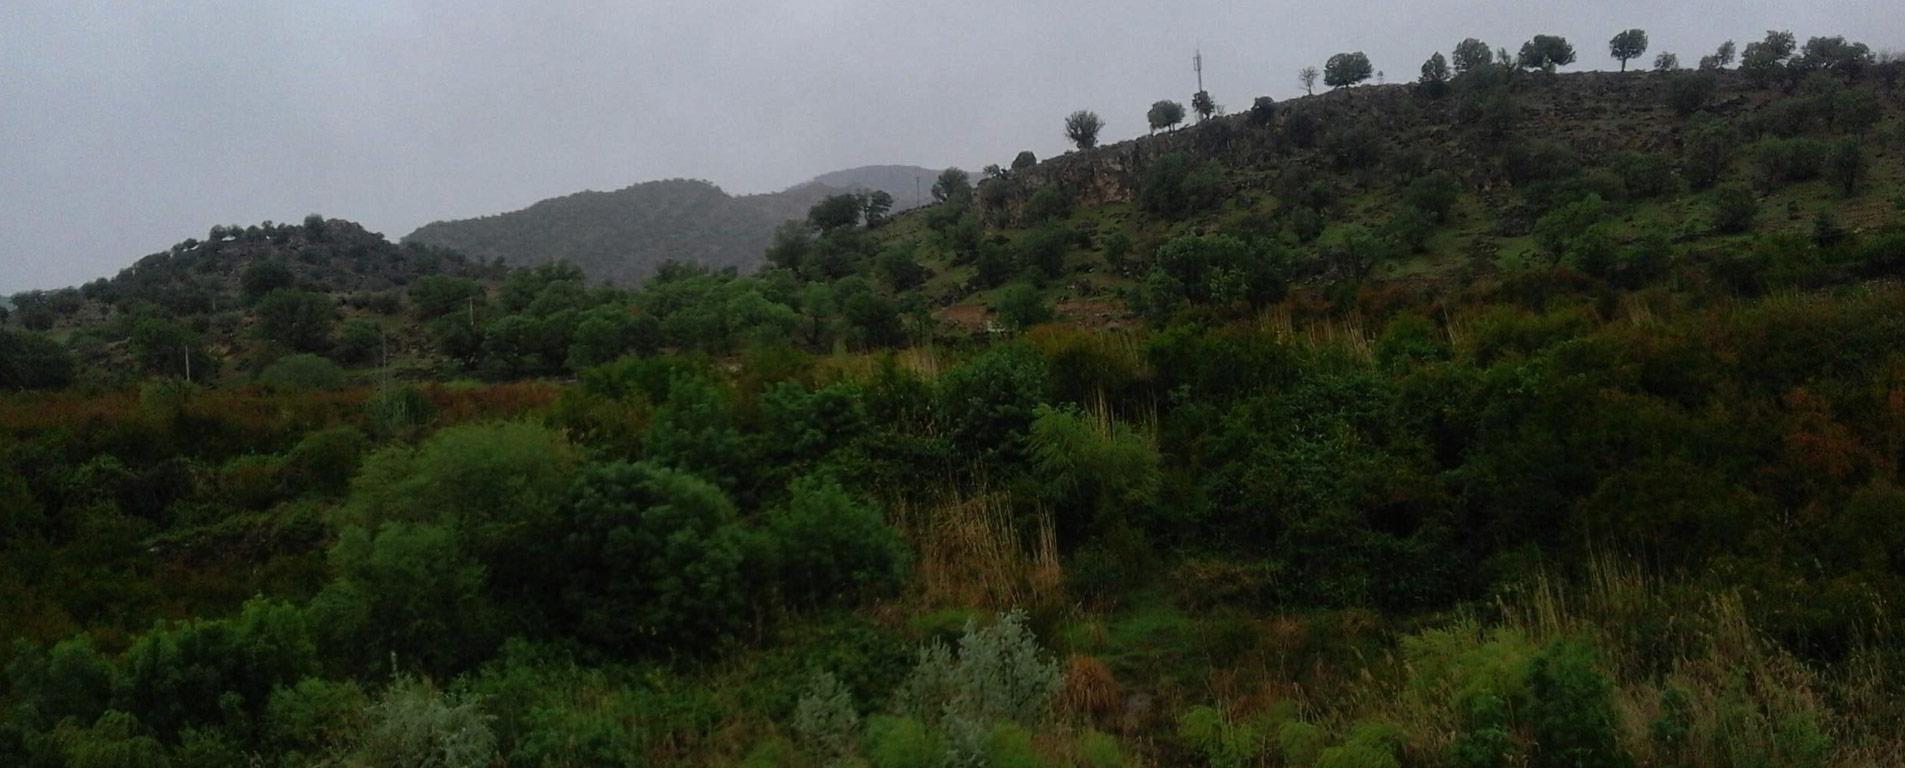 تنگ دم اسب ، آبشار تماشایی استان فارس